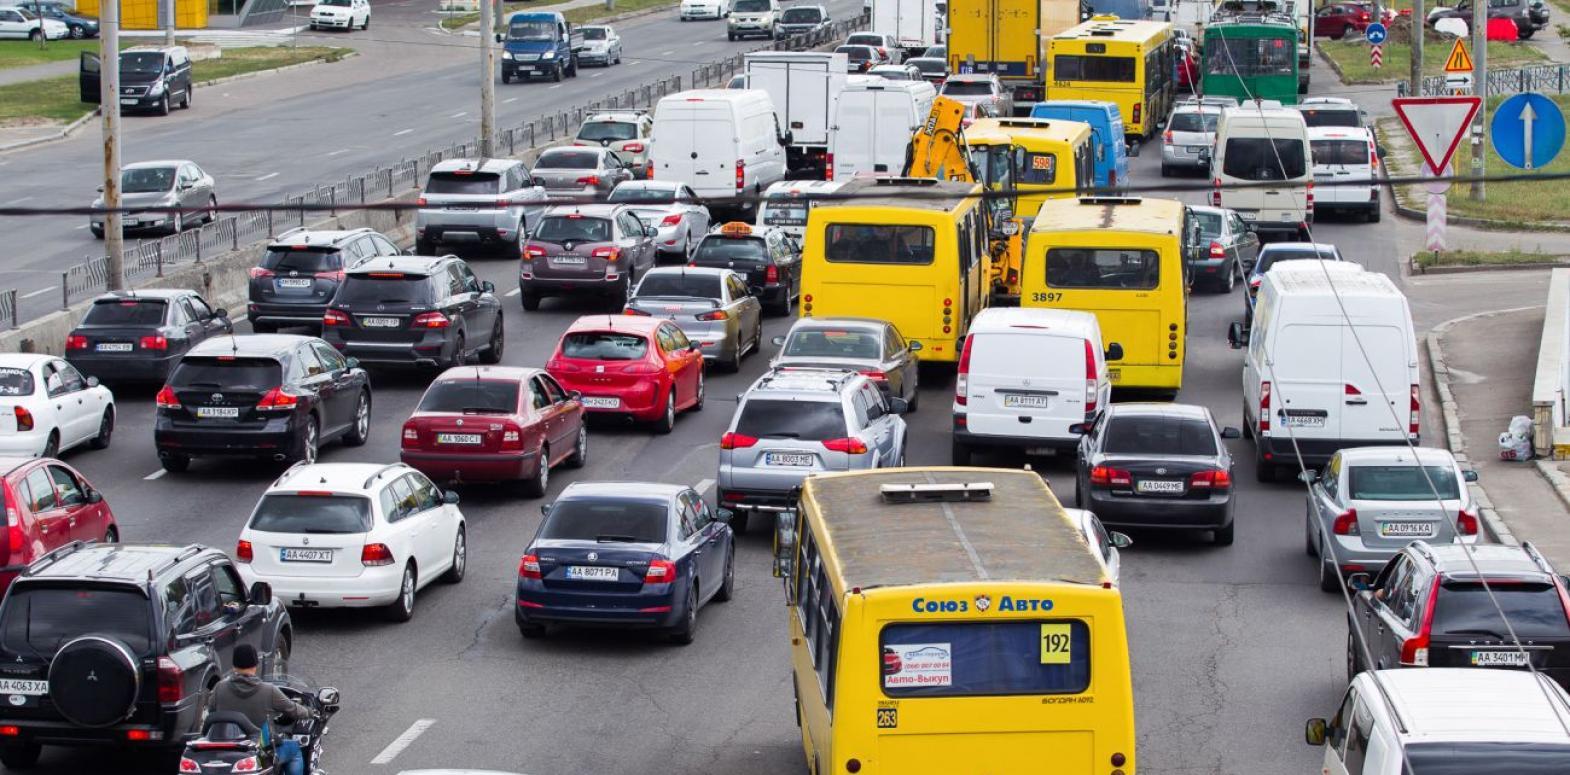 Цены на бензин и ДТ резко выросли: сколько стоит топливо на АЗС